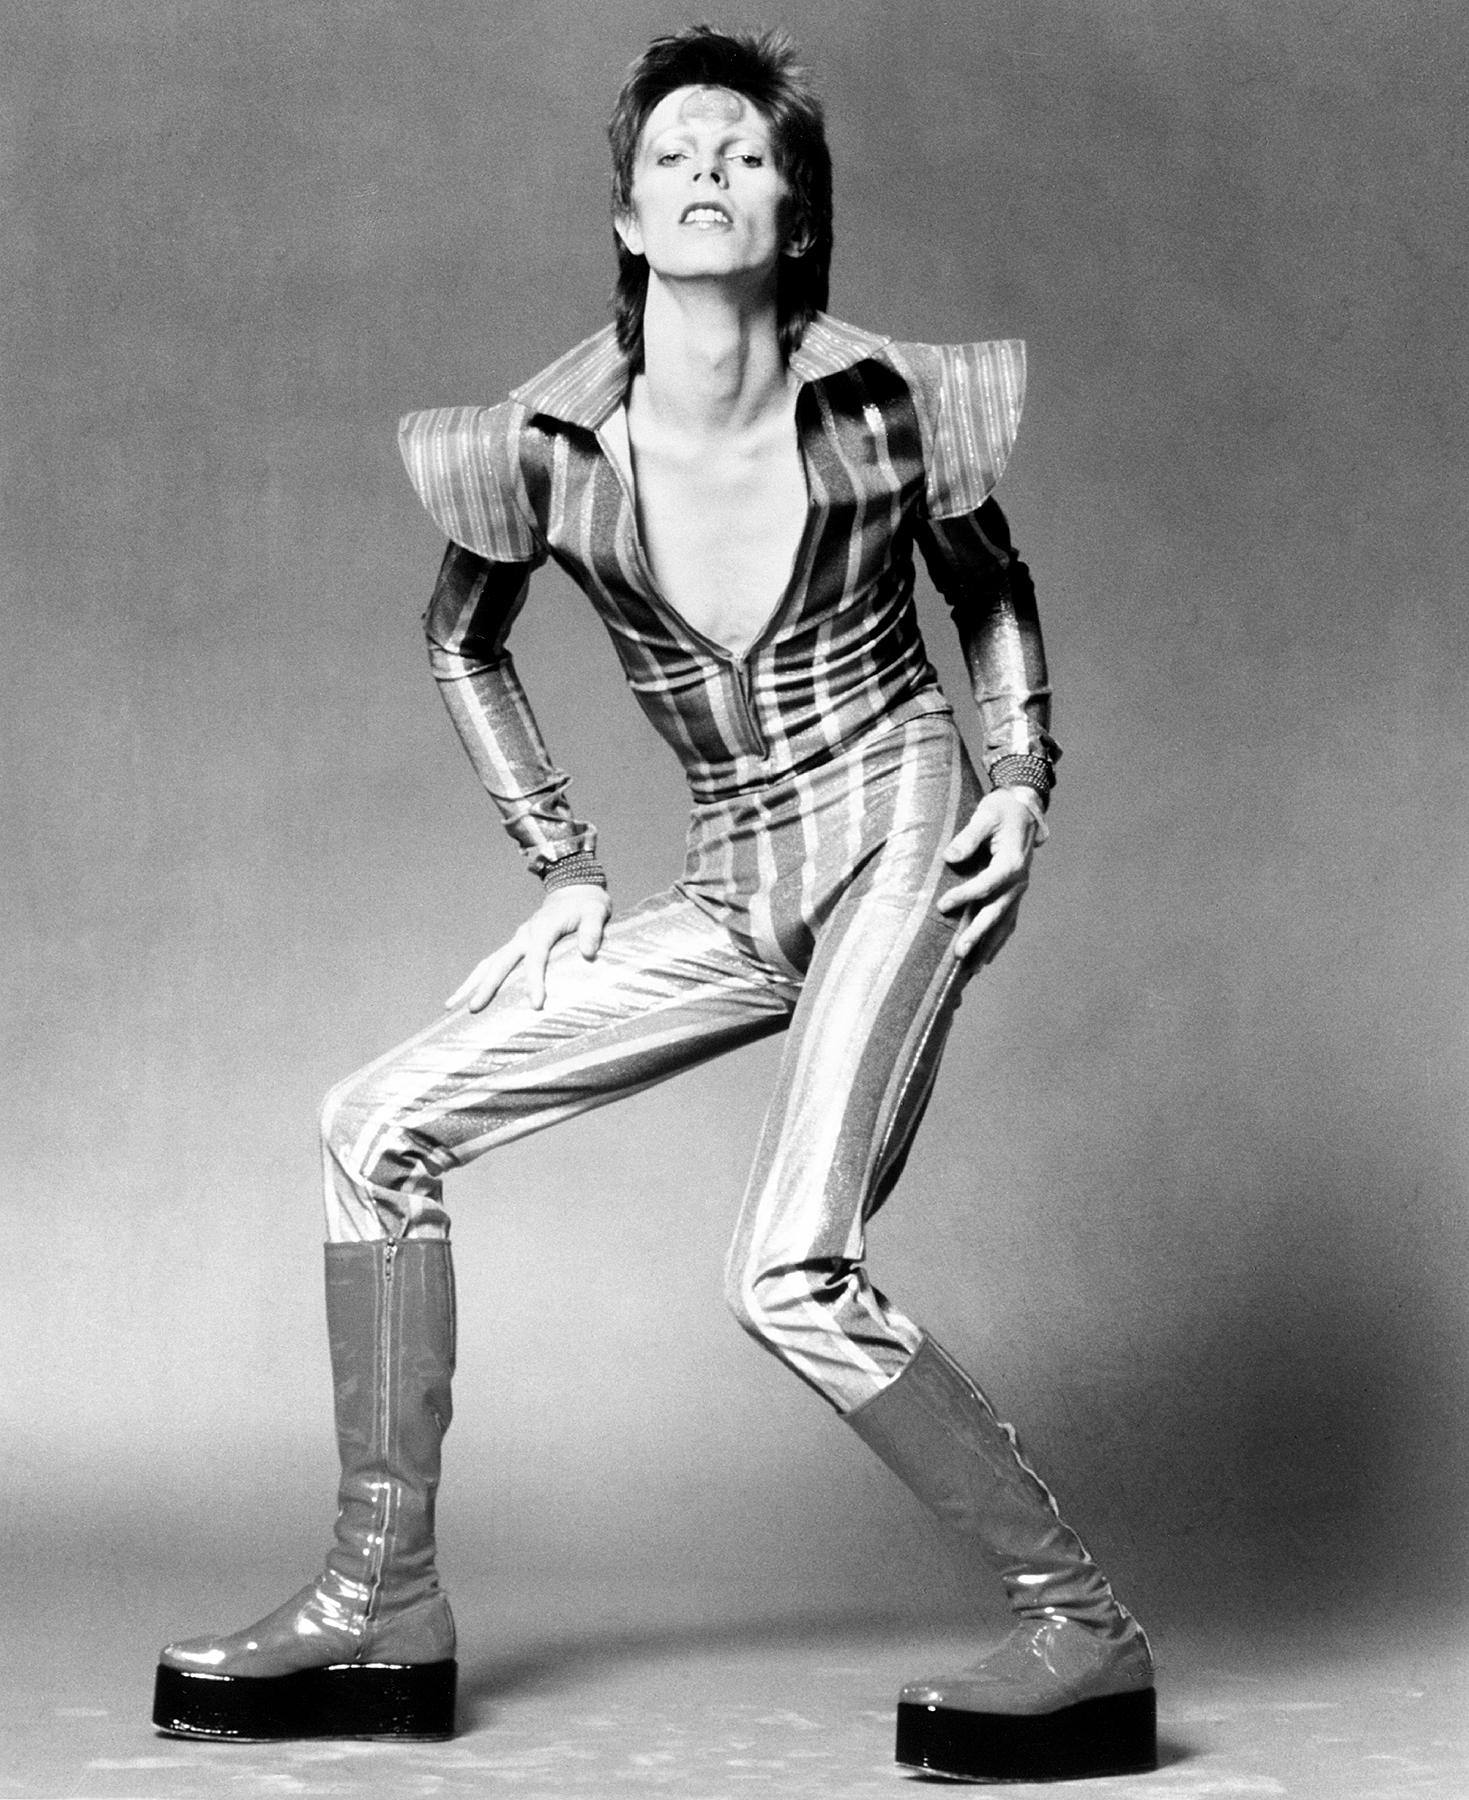 David Bowie as Ziggy Stardust in 1972